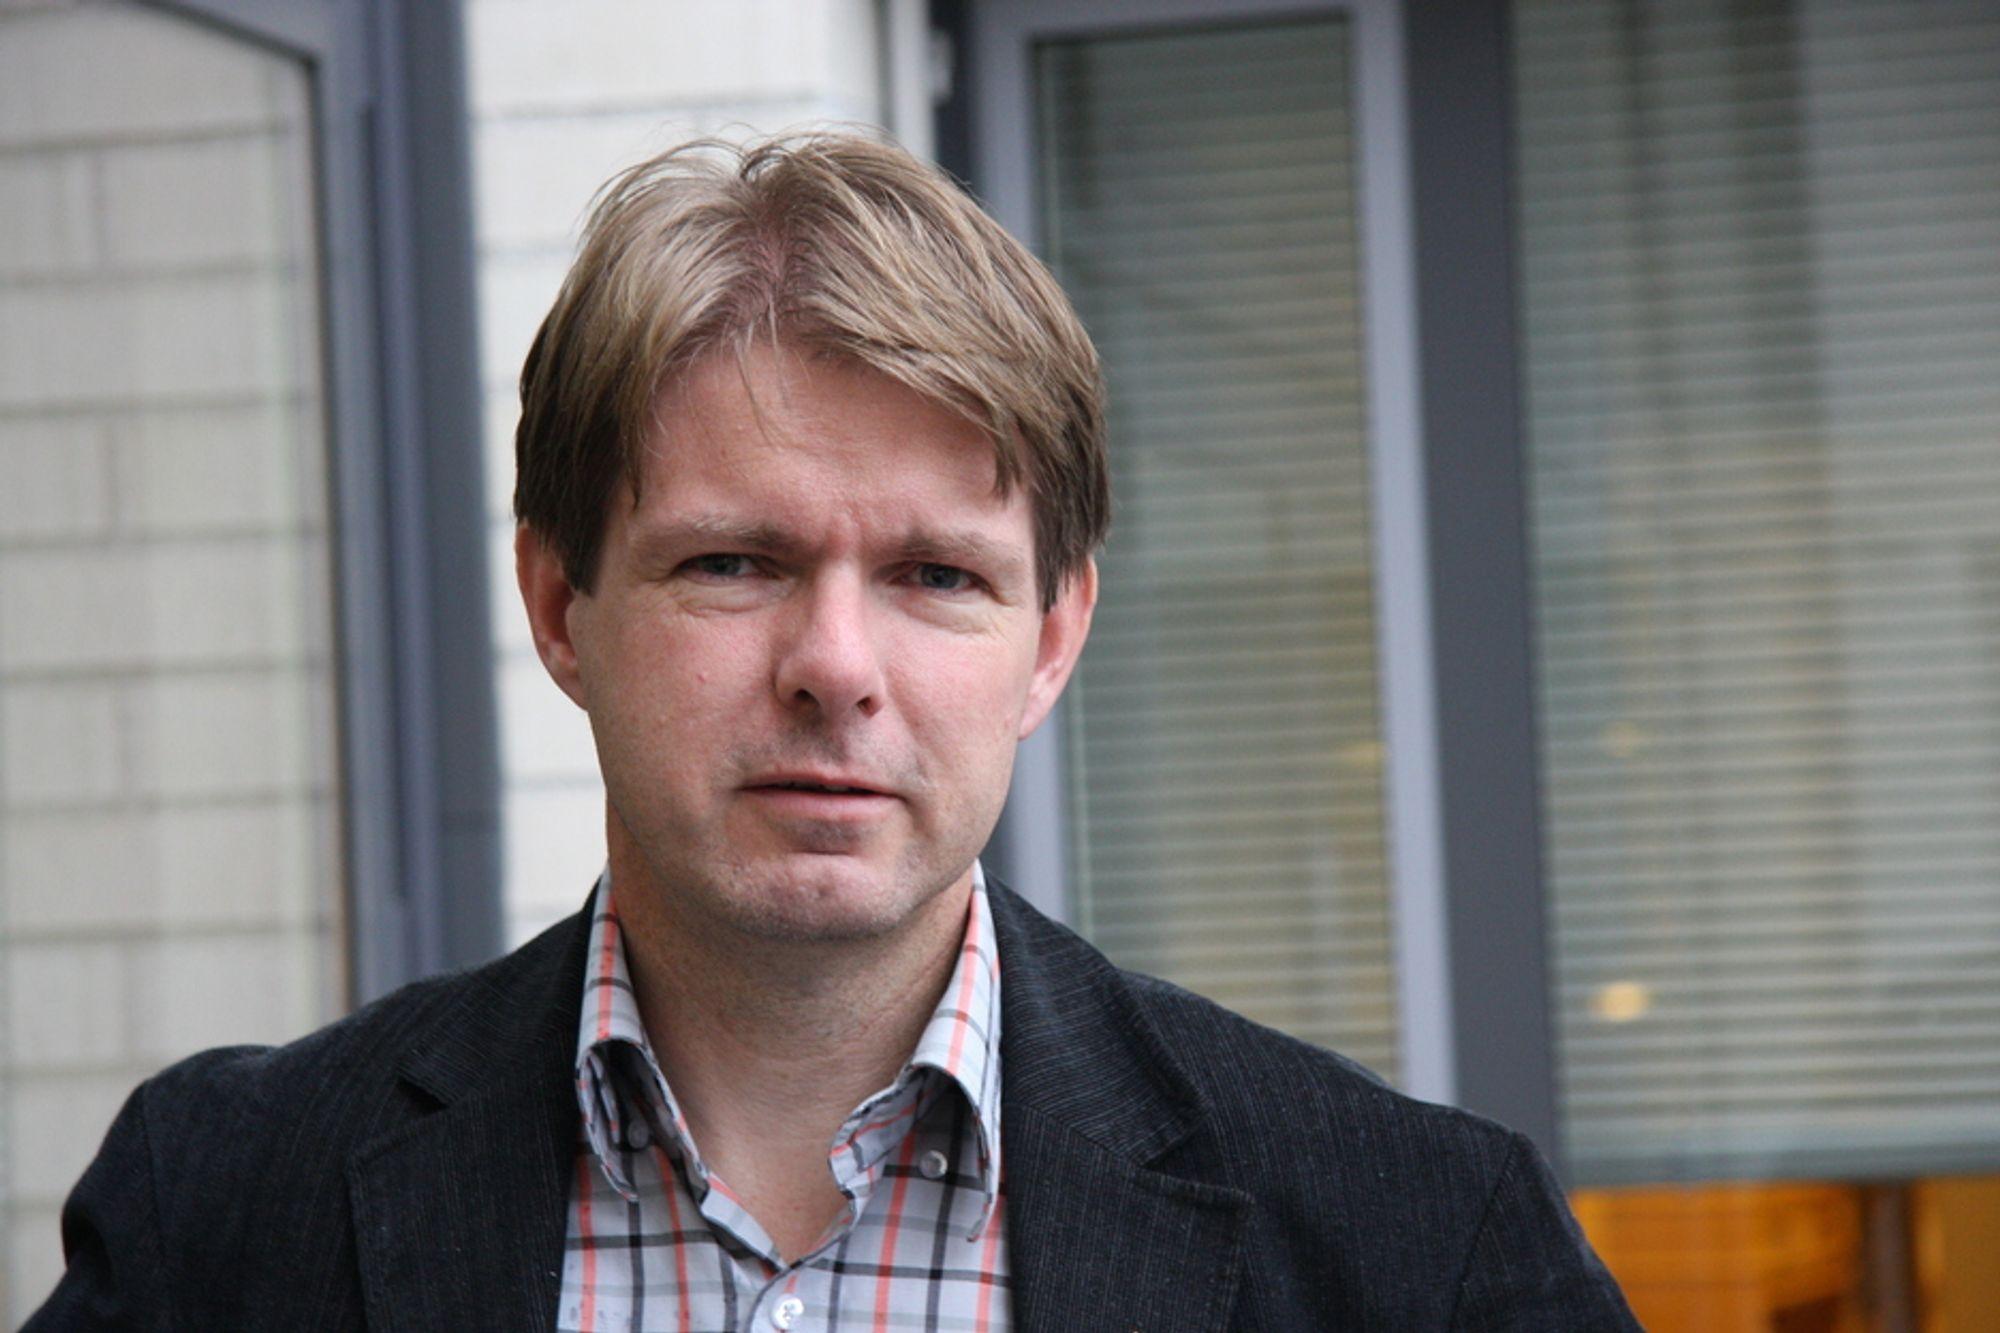 BEDRE ENN SITT RYKTE: Forskningssjef Terje F. Rønning i Norcem mener betong er bedre enn sitt rykte når det gjelder miljø og CO2-utslipp, men de gode verdiene blir først synlig i et livsløpsperspektiv.